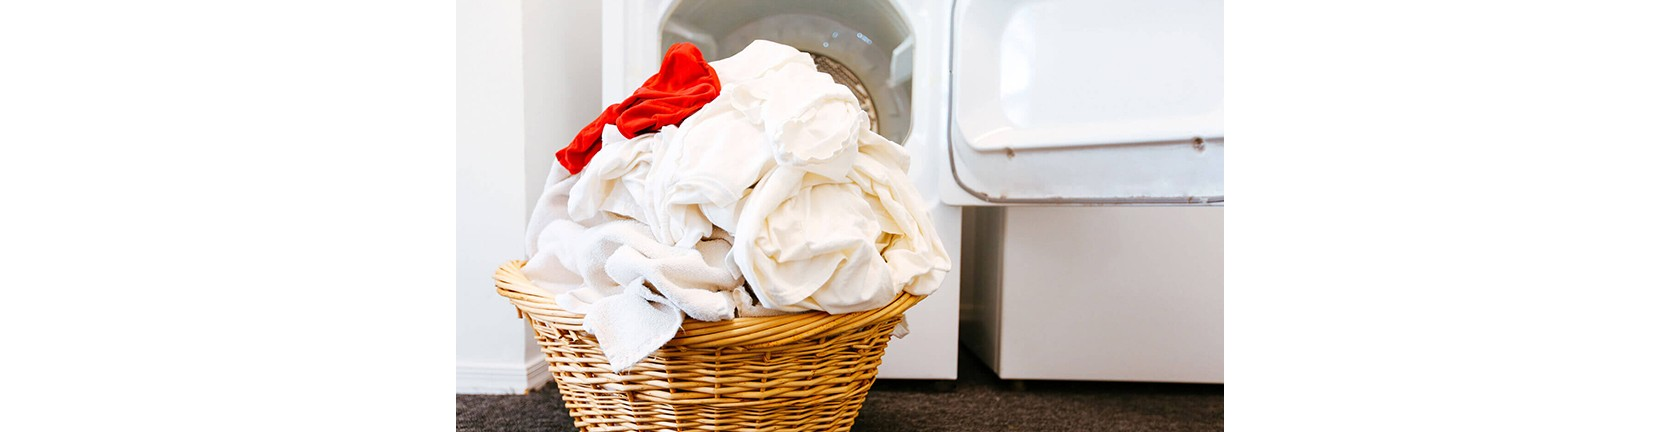 Geflochtener Korb voll mit weißer Wäsche und einem roten Kleidungsstück.